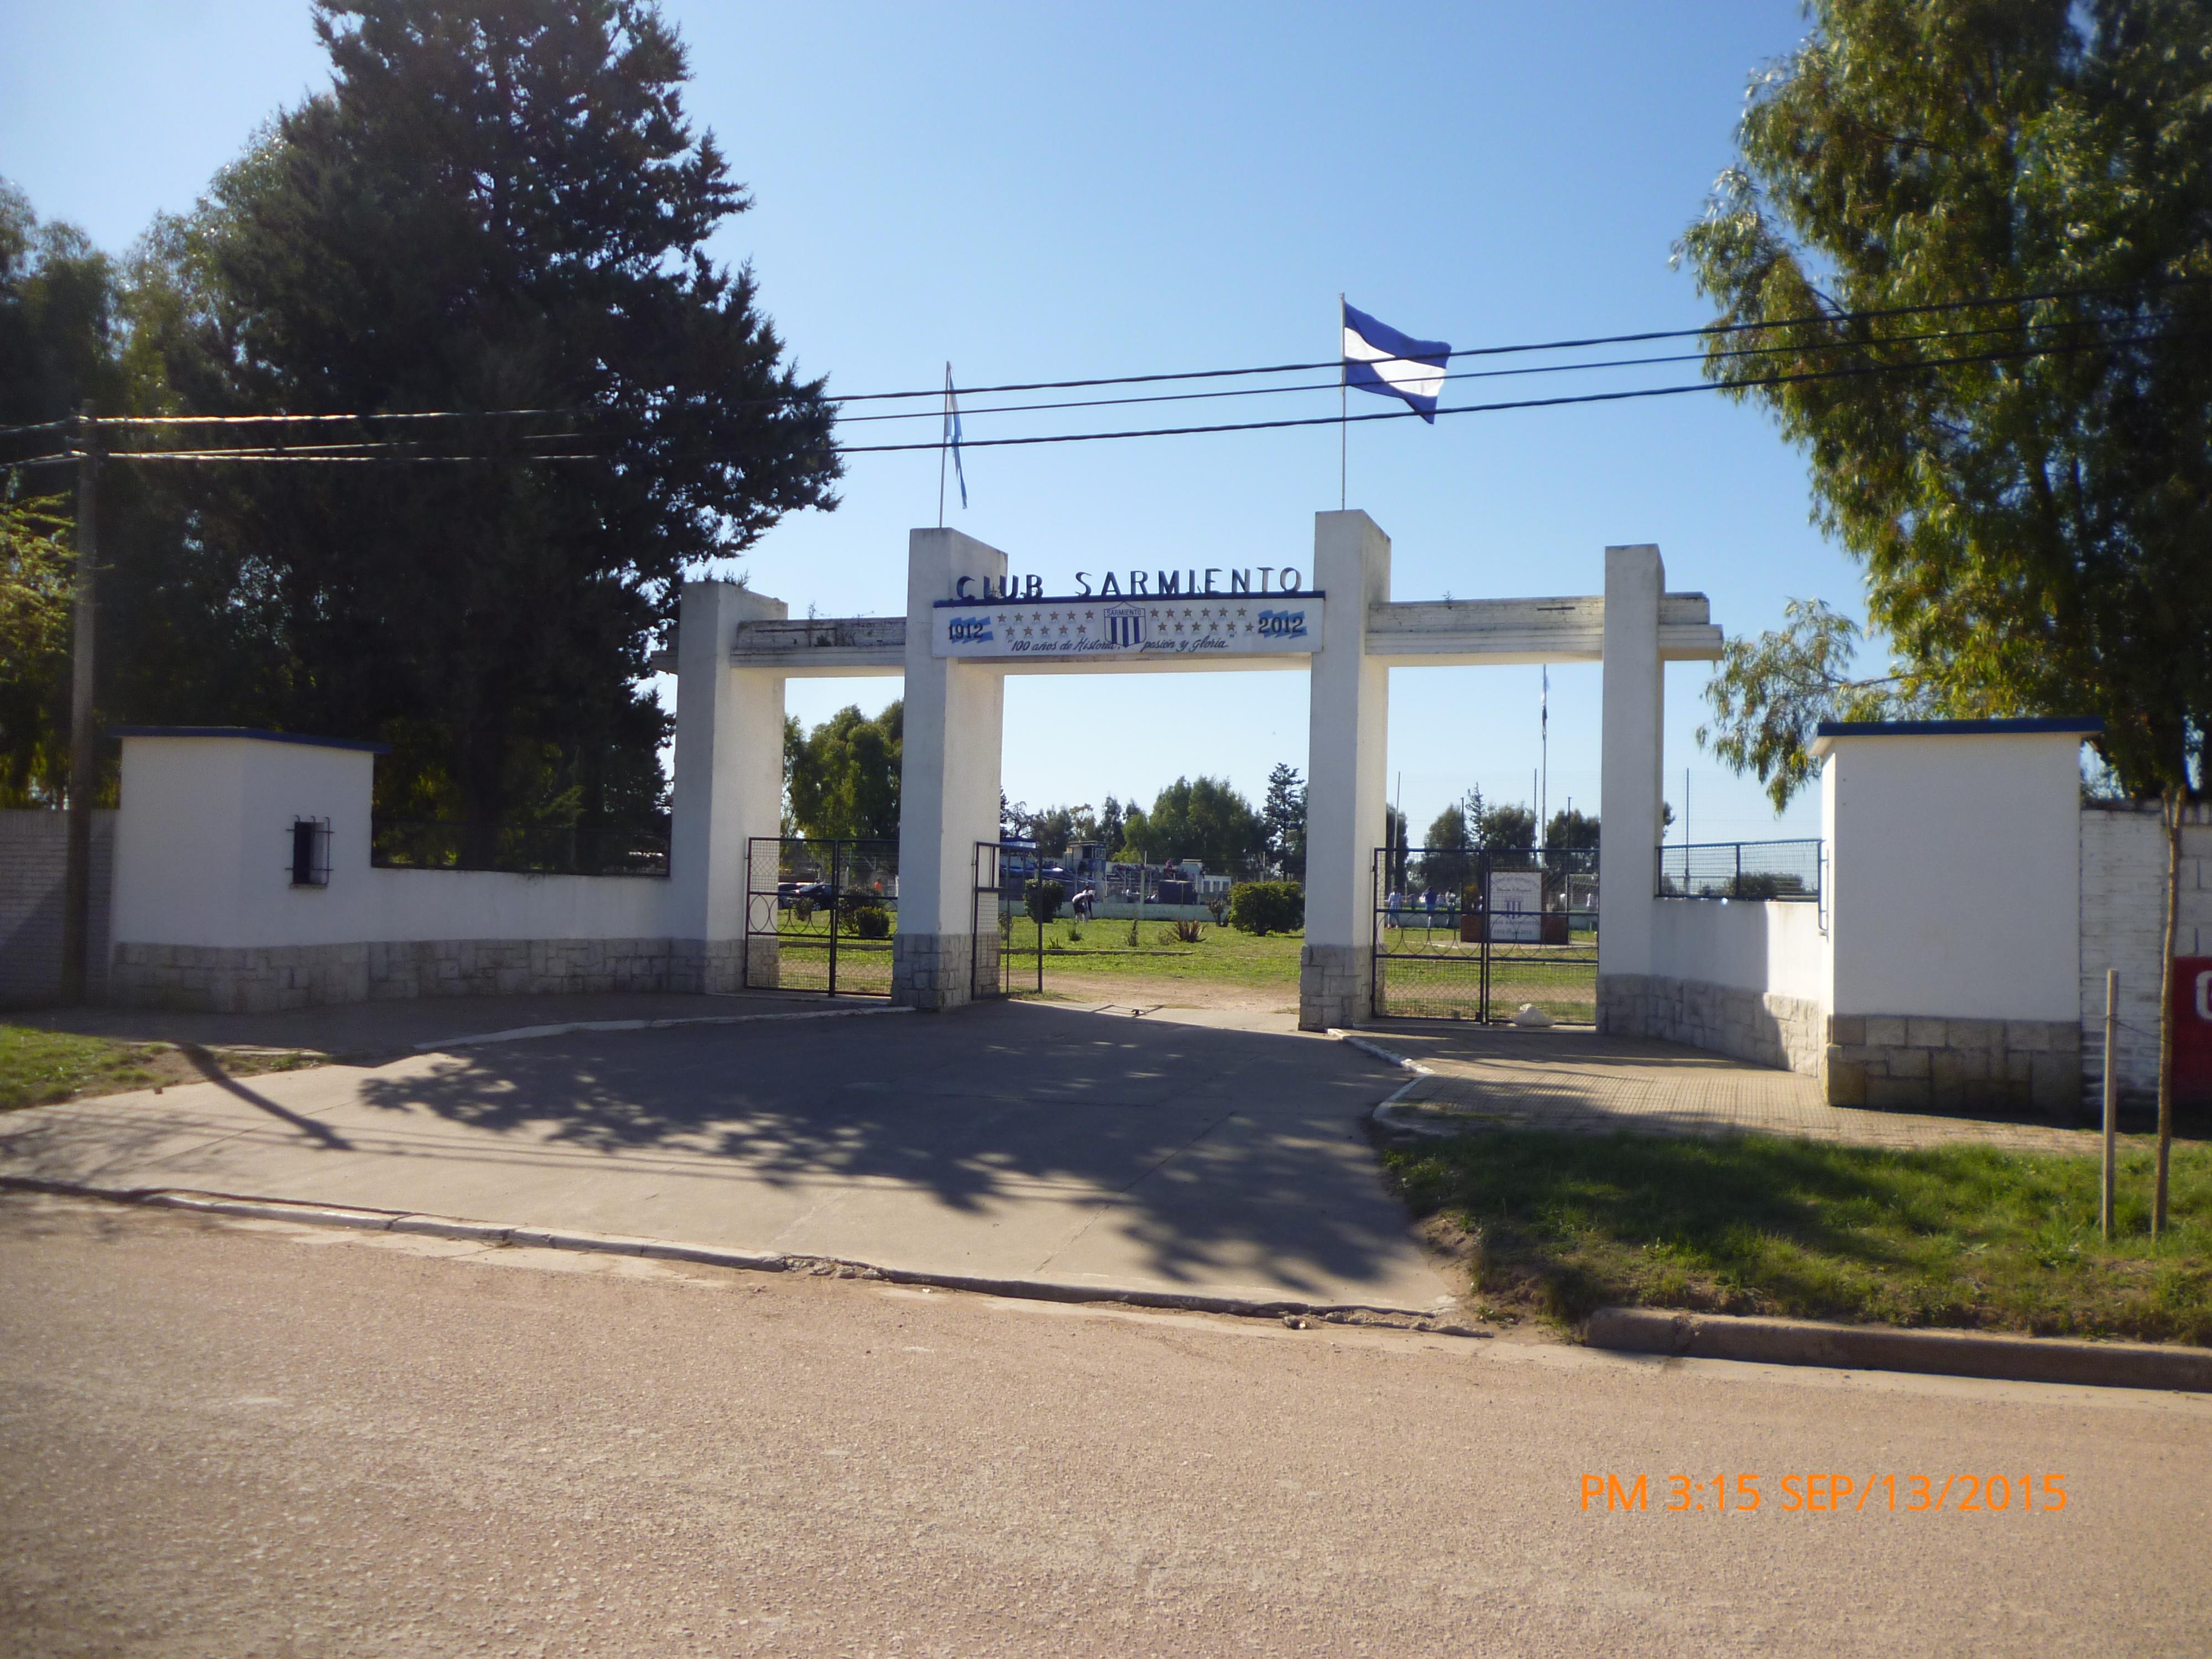 LRF - Club Sarmiento dio comienzo en la fecha a la pretemporada.